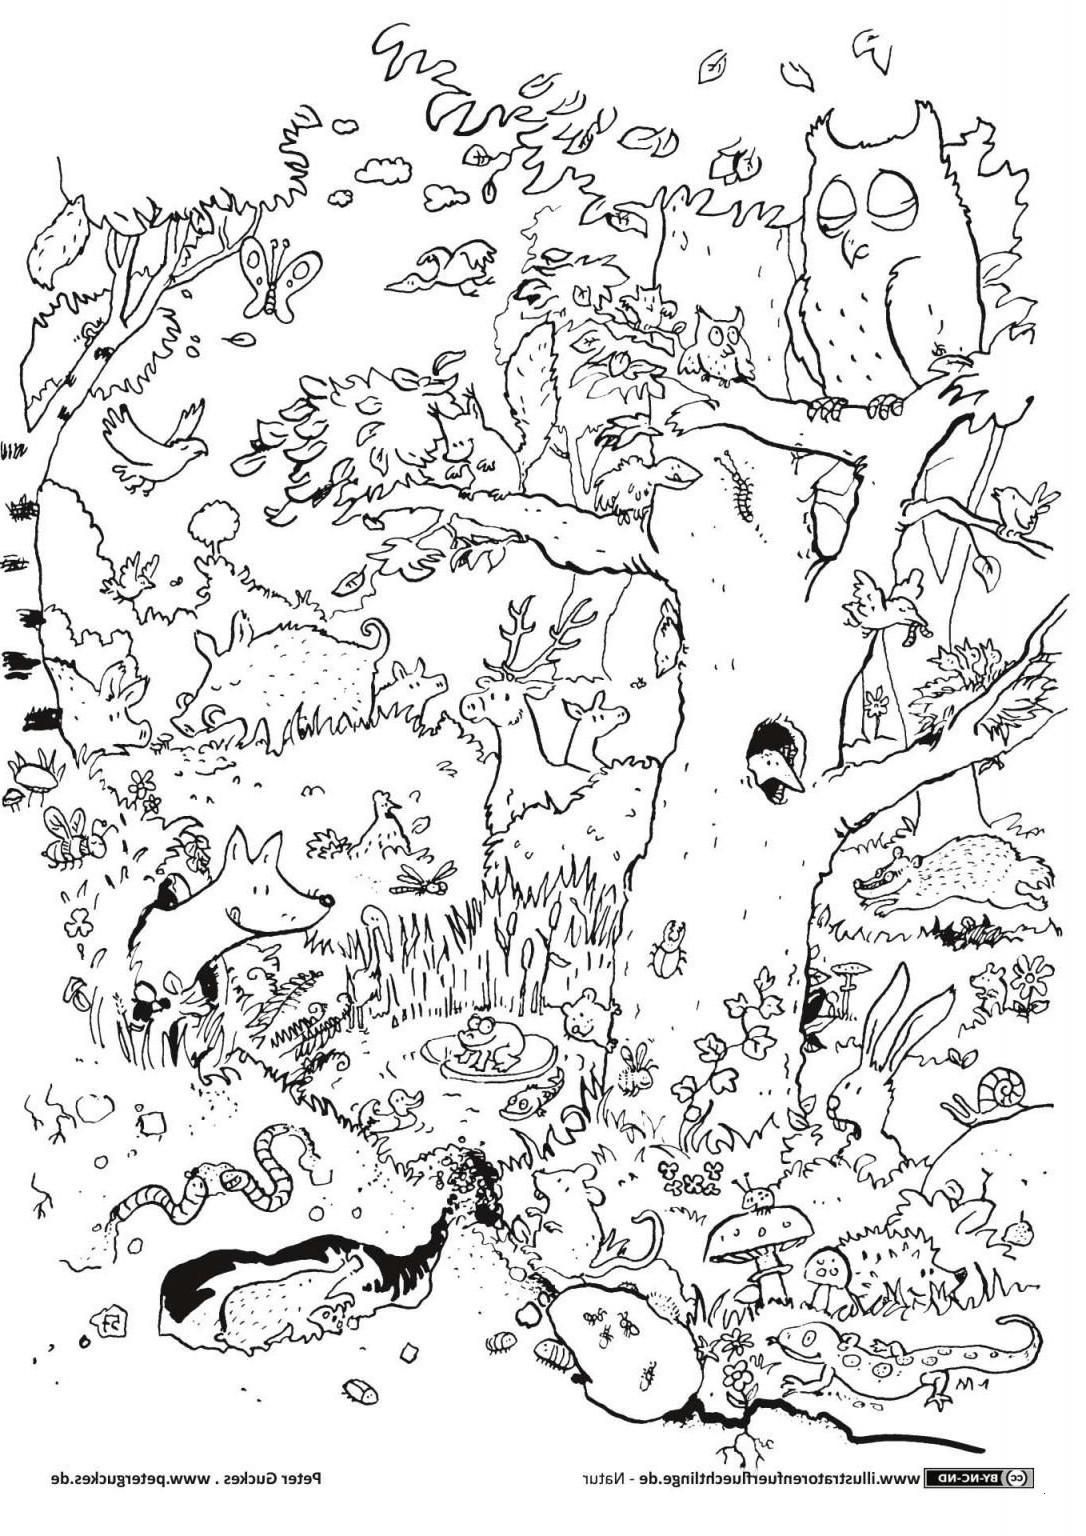 Ausmalbilder Glubschi Genial Malvorlagen Elfen Gefroren 35 Elegant Glubschi Ausmalbilder Stock